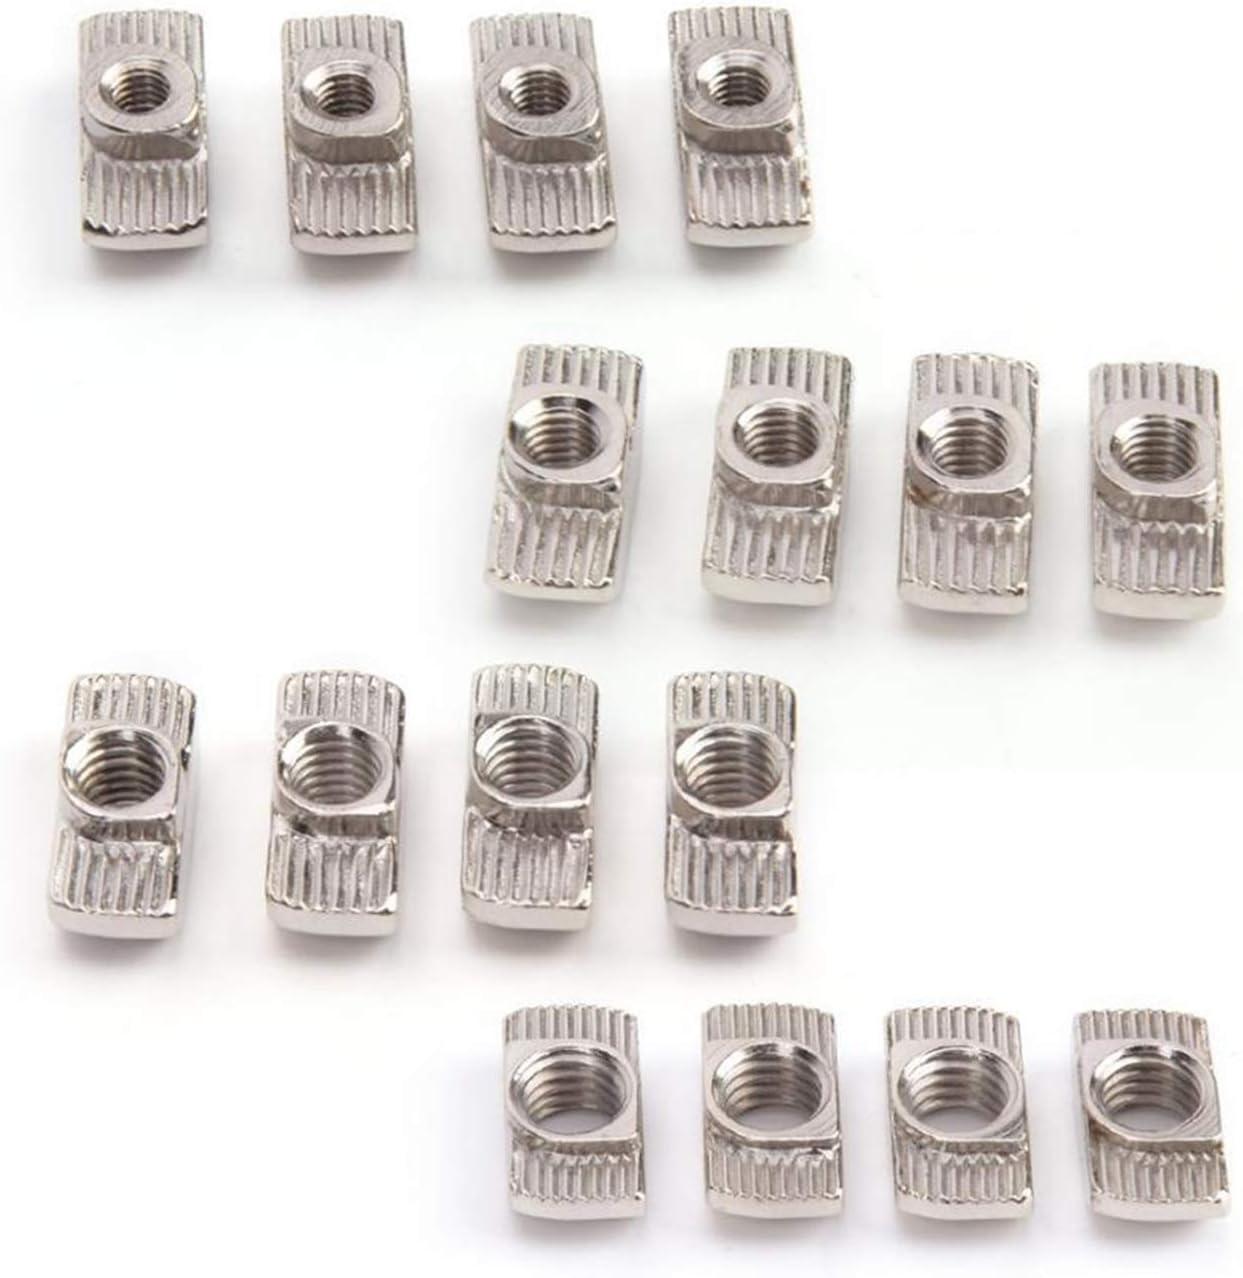 DUO ER 100Pcs M4 M5 M6 M8 T-Slot Sliding Carbon Steel Max 89% OFF T Nut Fashionable